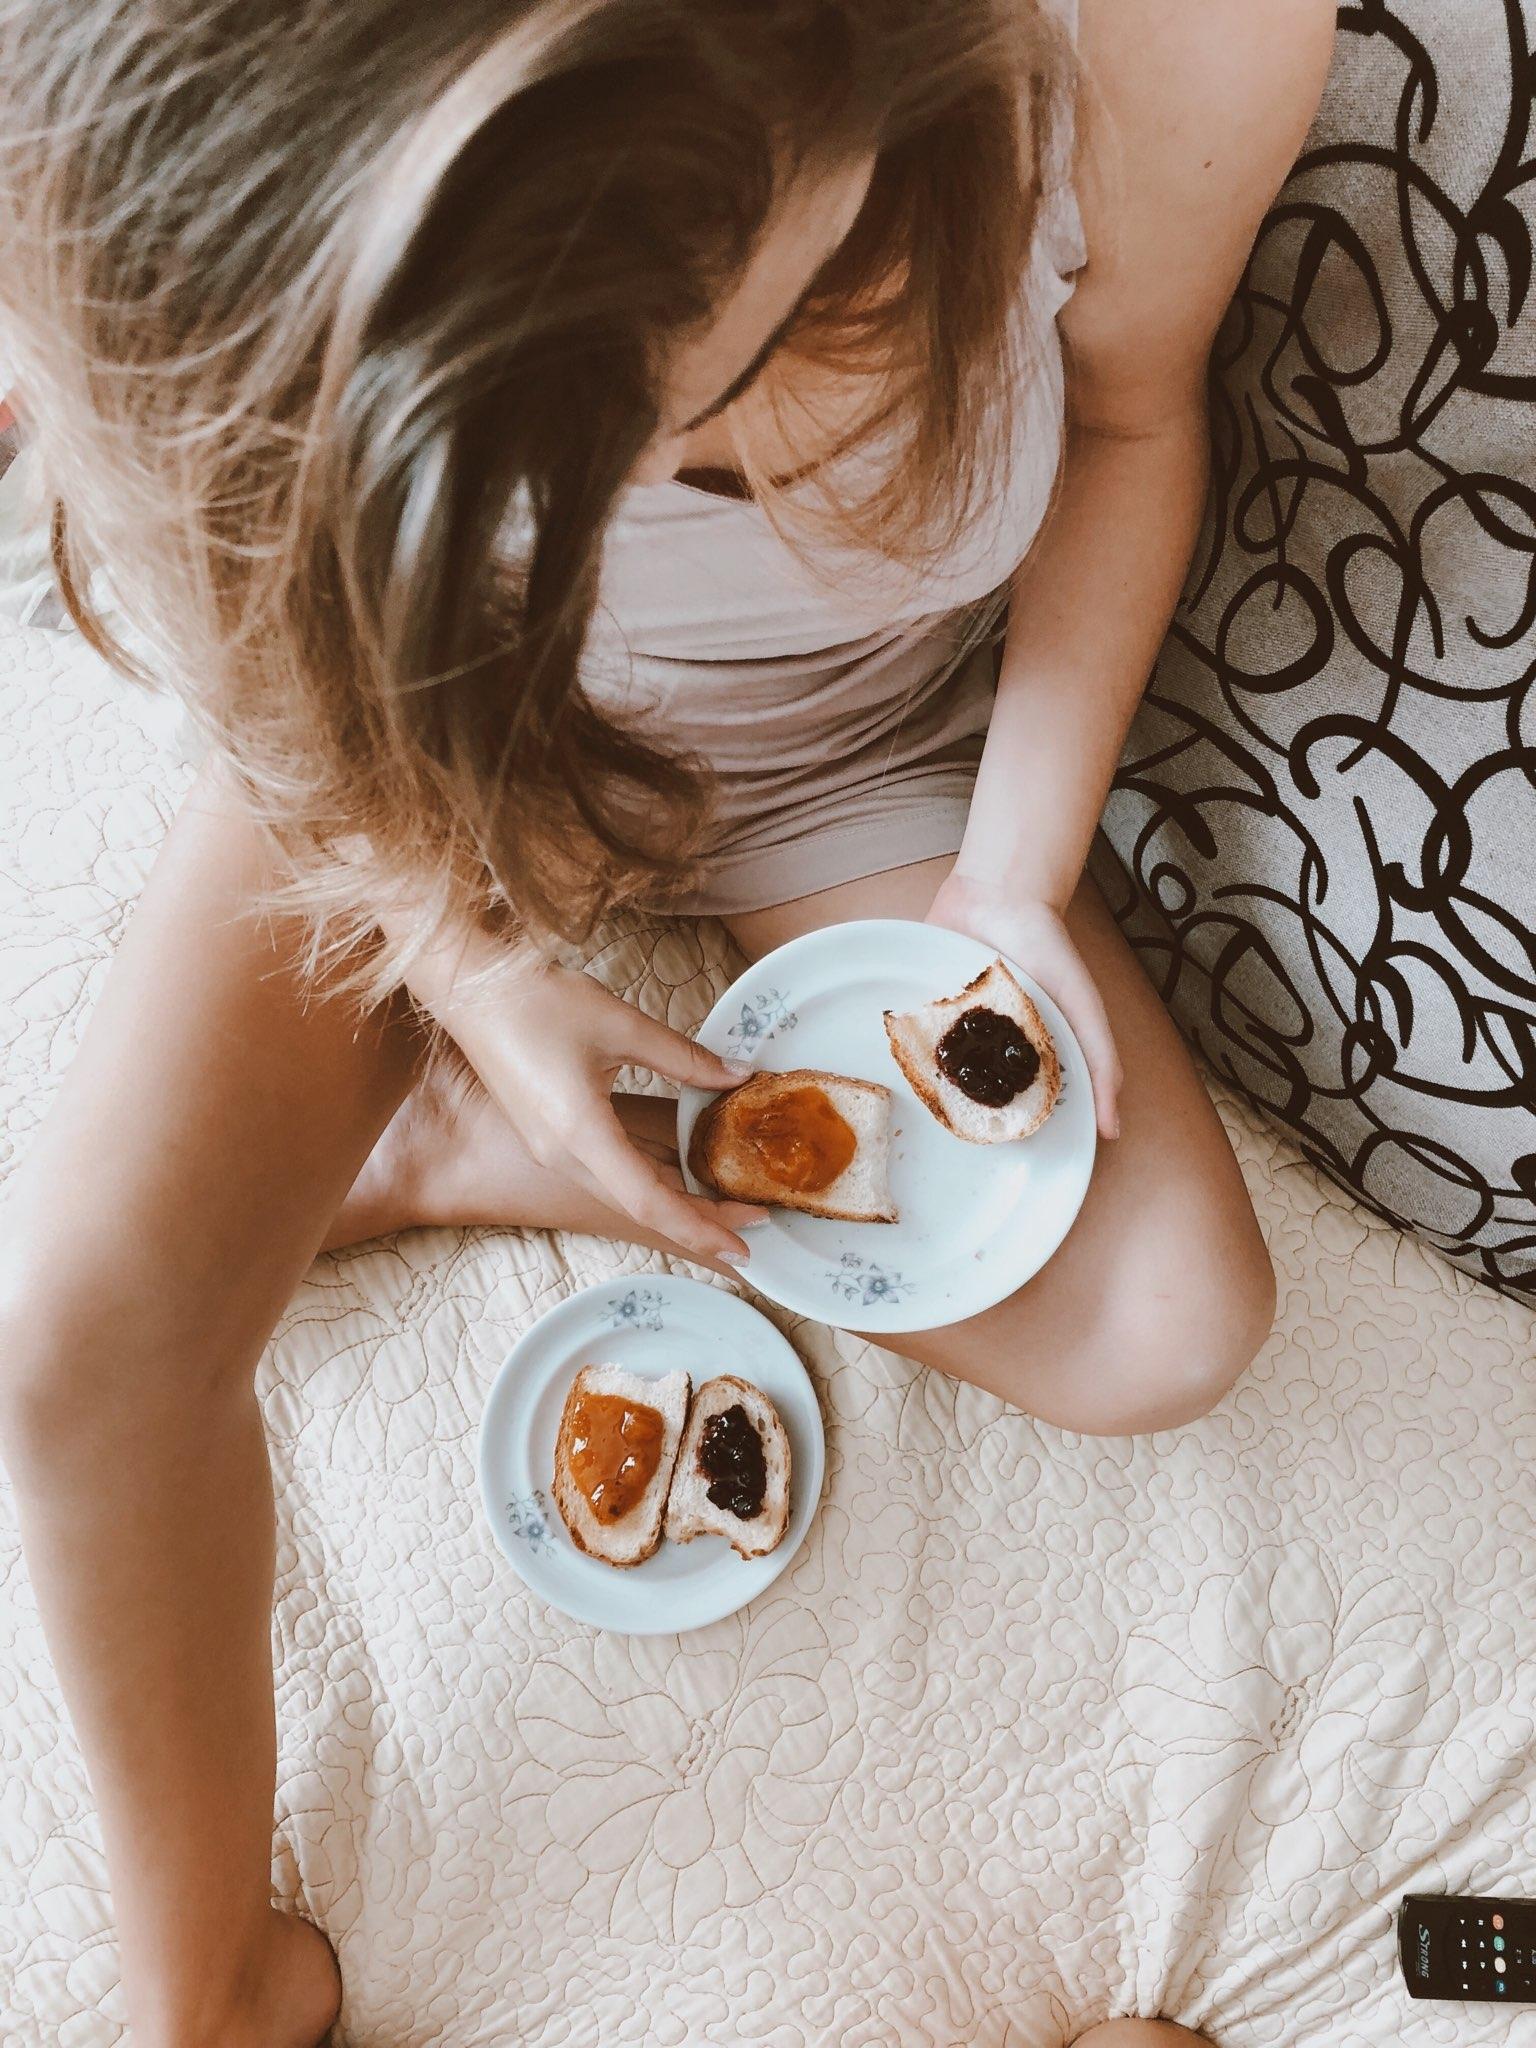 Eat What You Want Day, или Праздник желудка: редакция HOCHU рассказывает о любимых лакомствах - фото №4